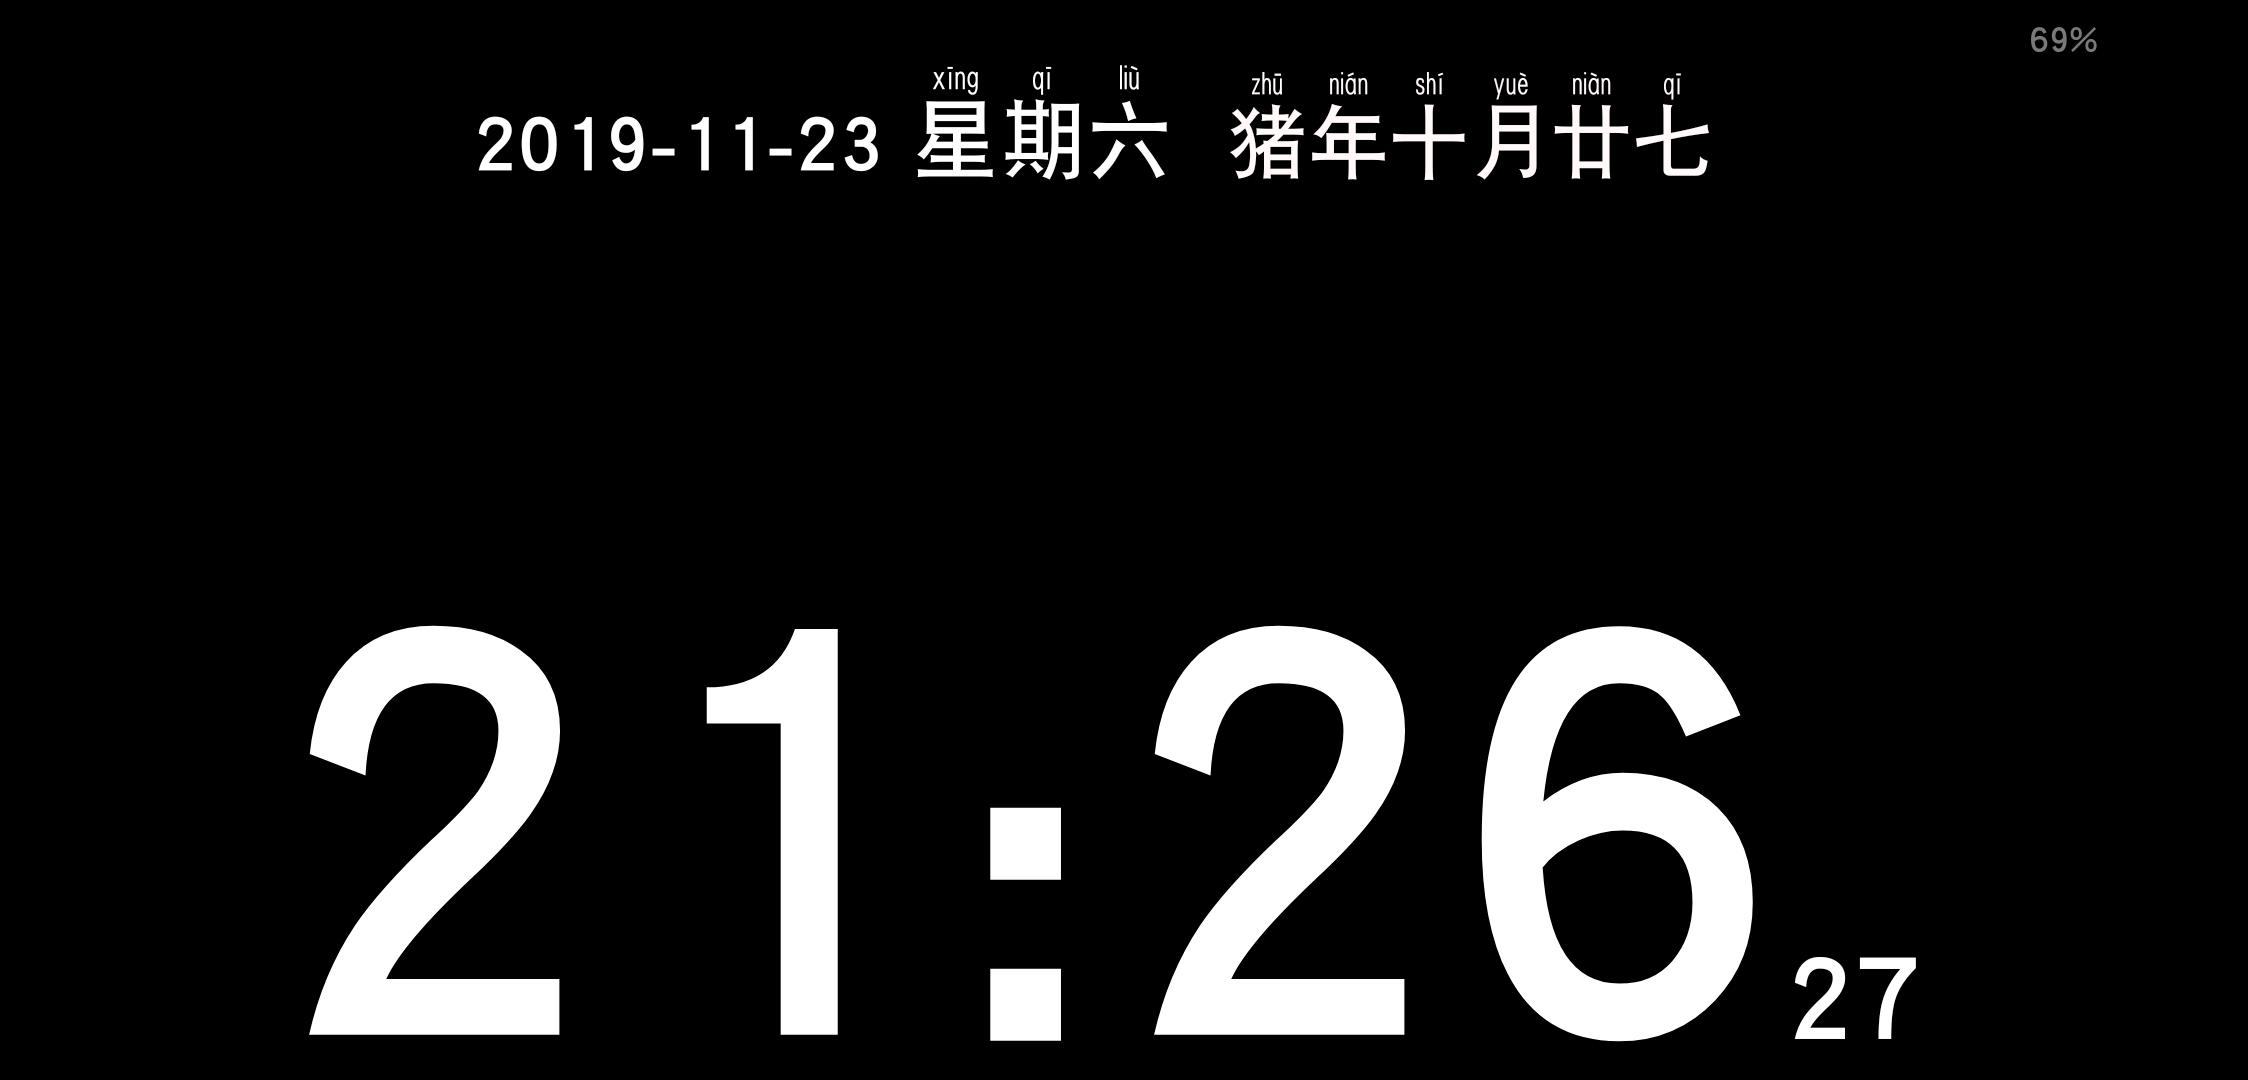 【分享】简黑时钟可作床头电子表,办公桌电子表。仅40k大小的时钟-爱小助